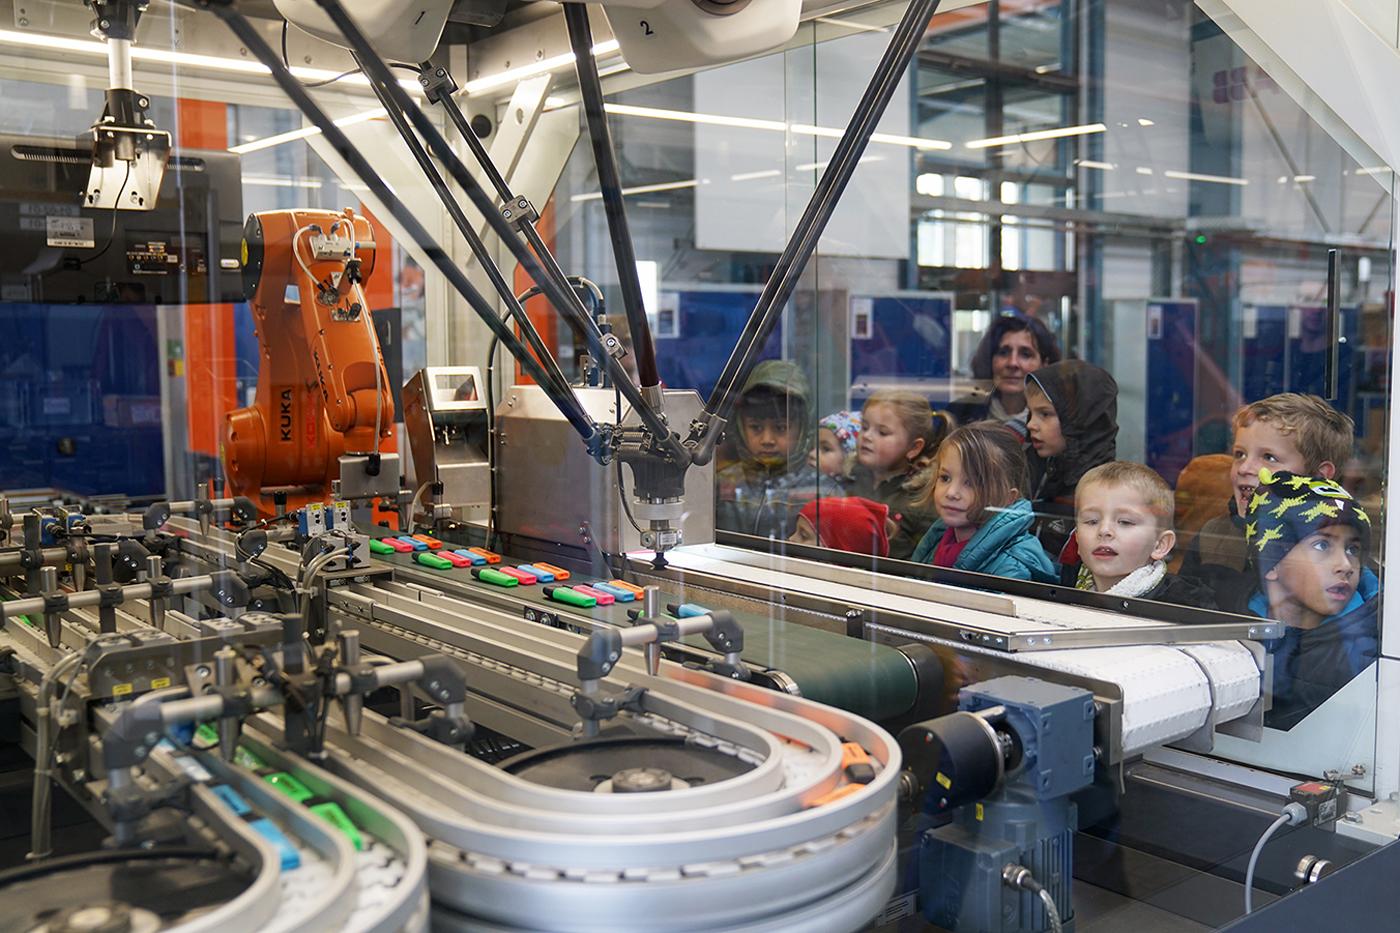 Spenden statt Geschenke - KOCH Robotersysteme